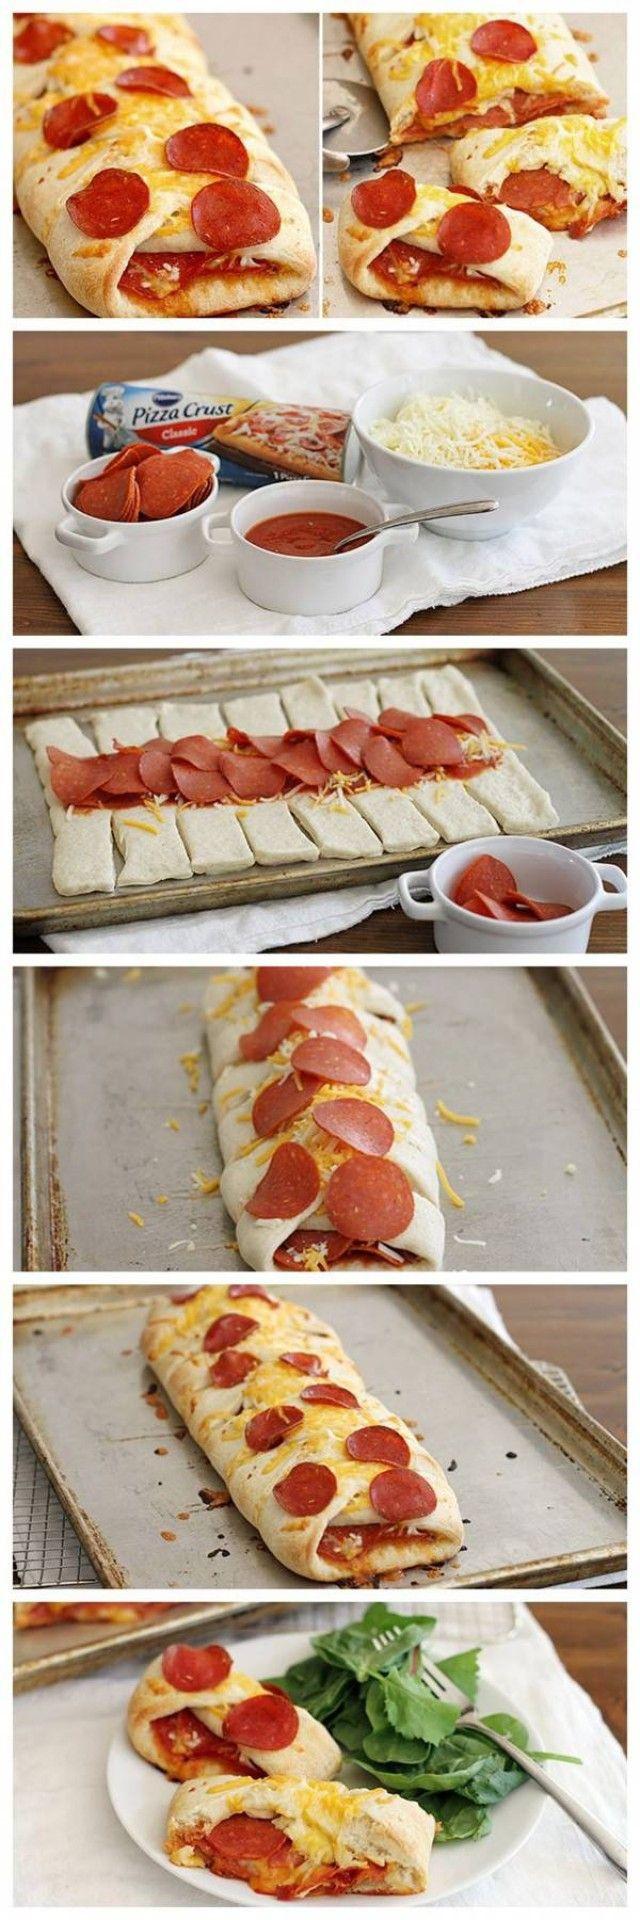 Những cách ăn pizza siêu độc đáo có thể thử tại nhà - Kenh14 Mobile